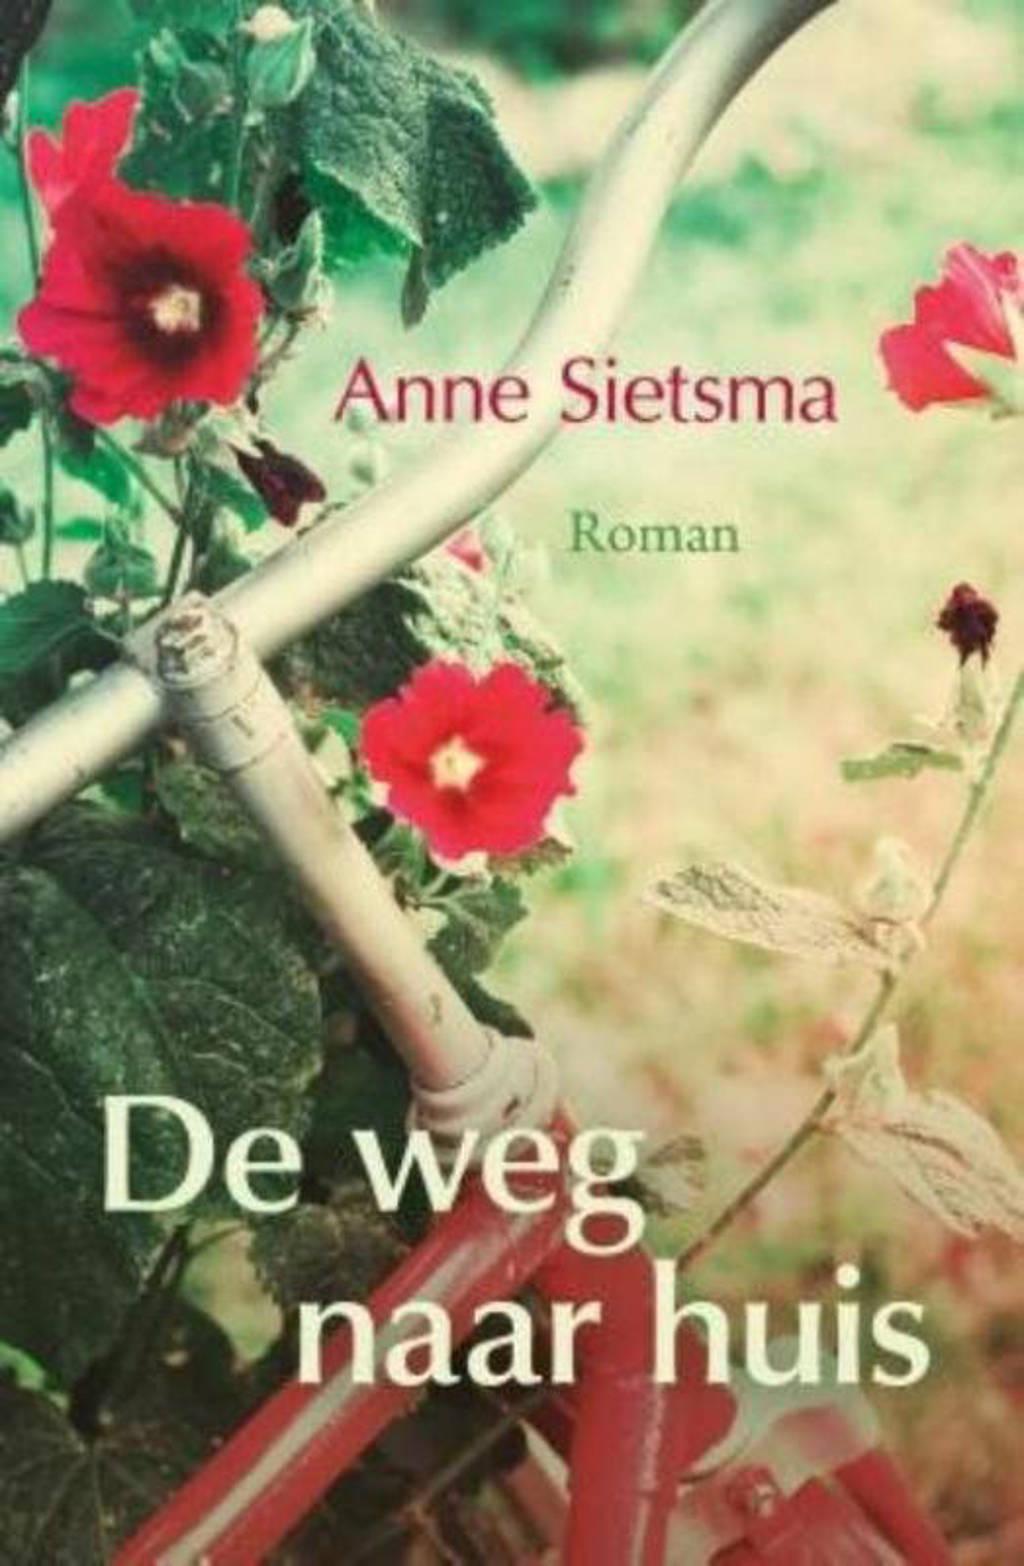 De weg naar huis - Anne Sietsma